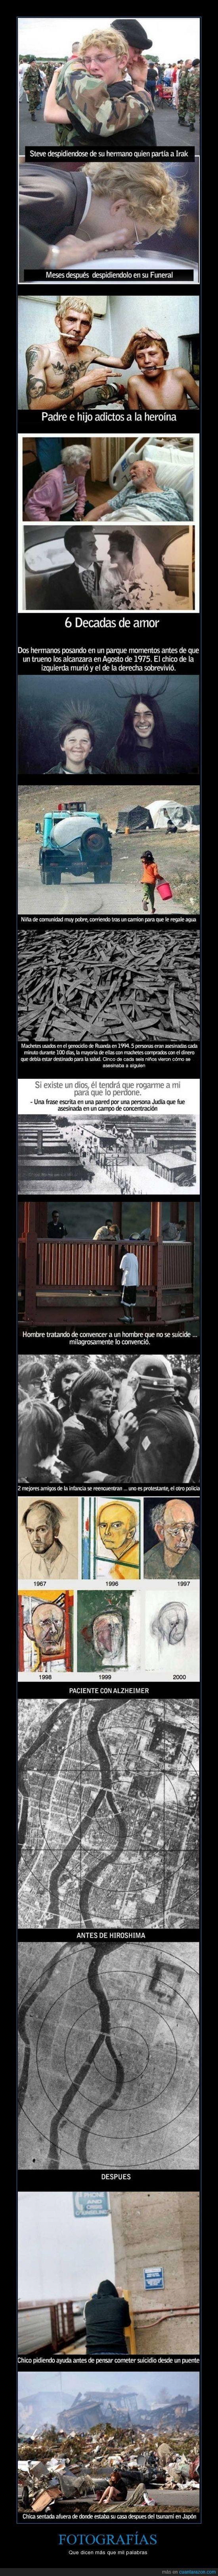 FOTOGRAFÍAS - Que dicen más que mil palabras